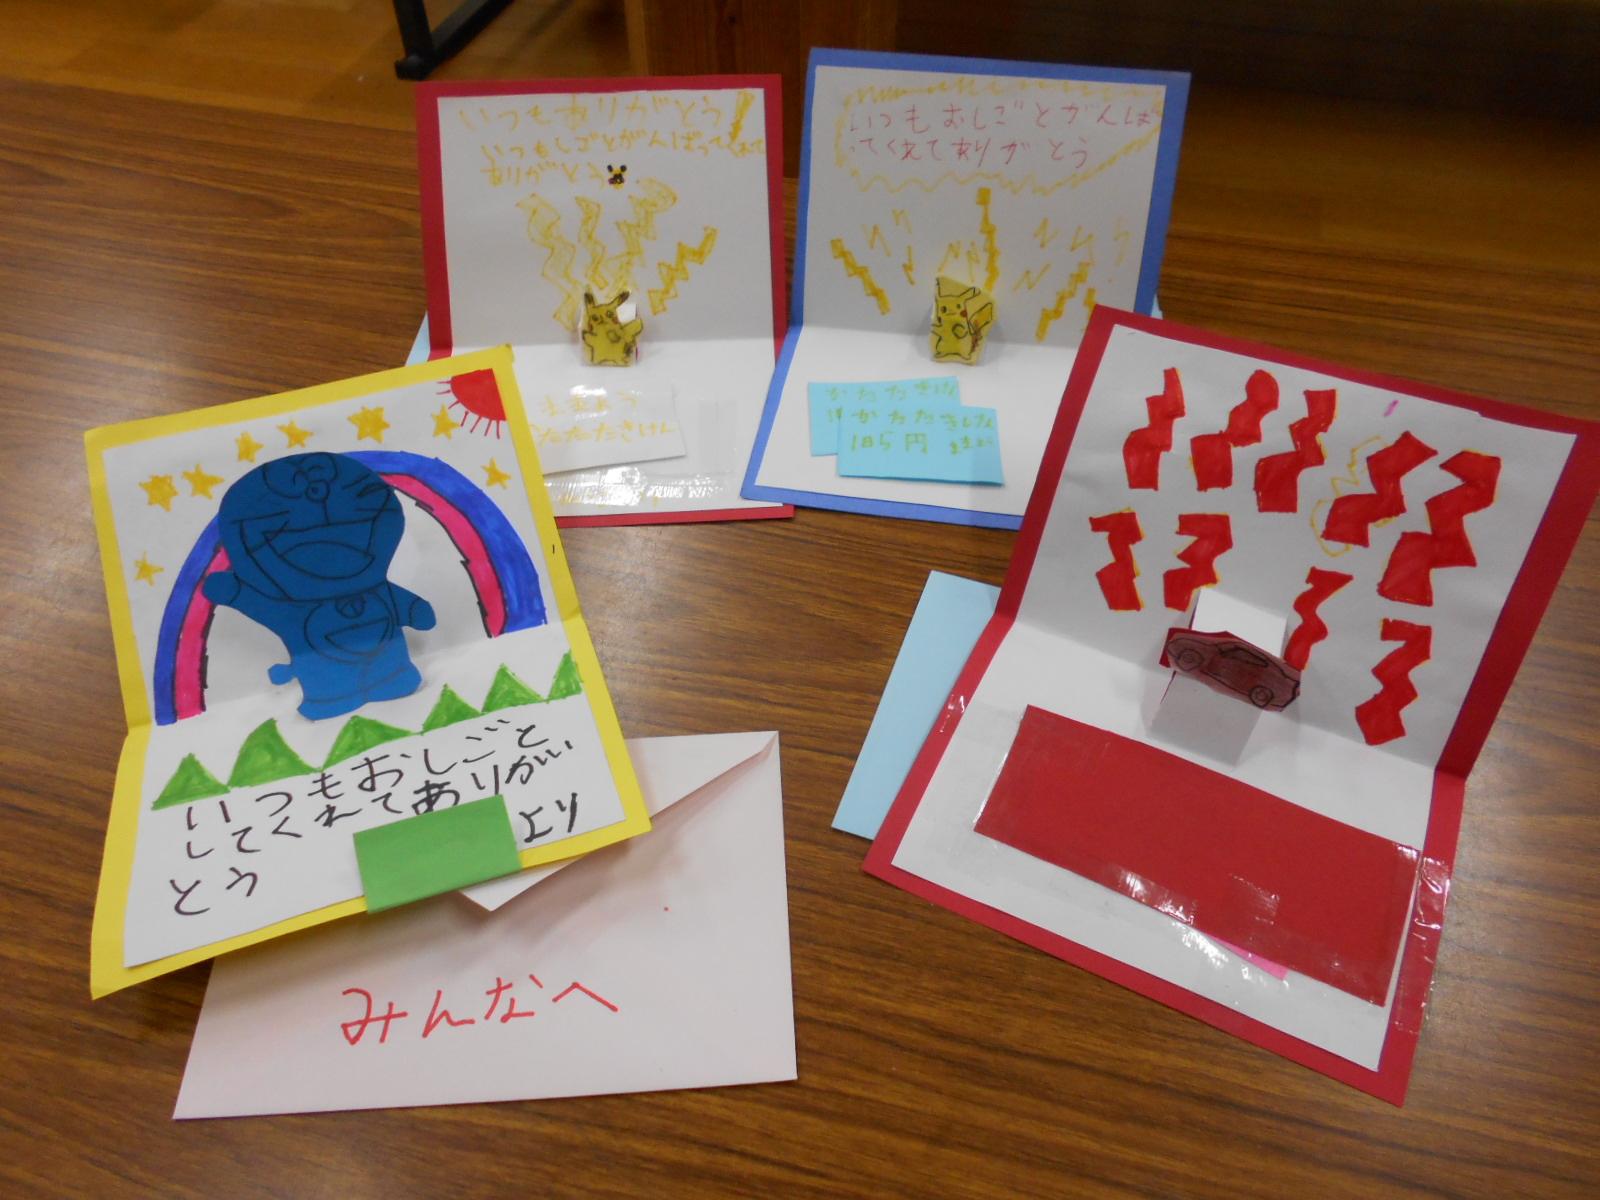 勤労感謝の日カード5[1].JPG